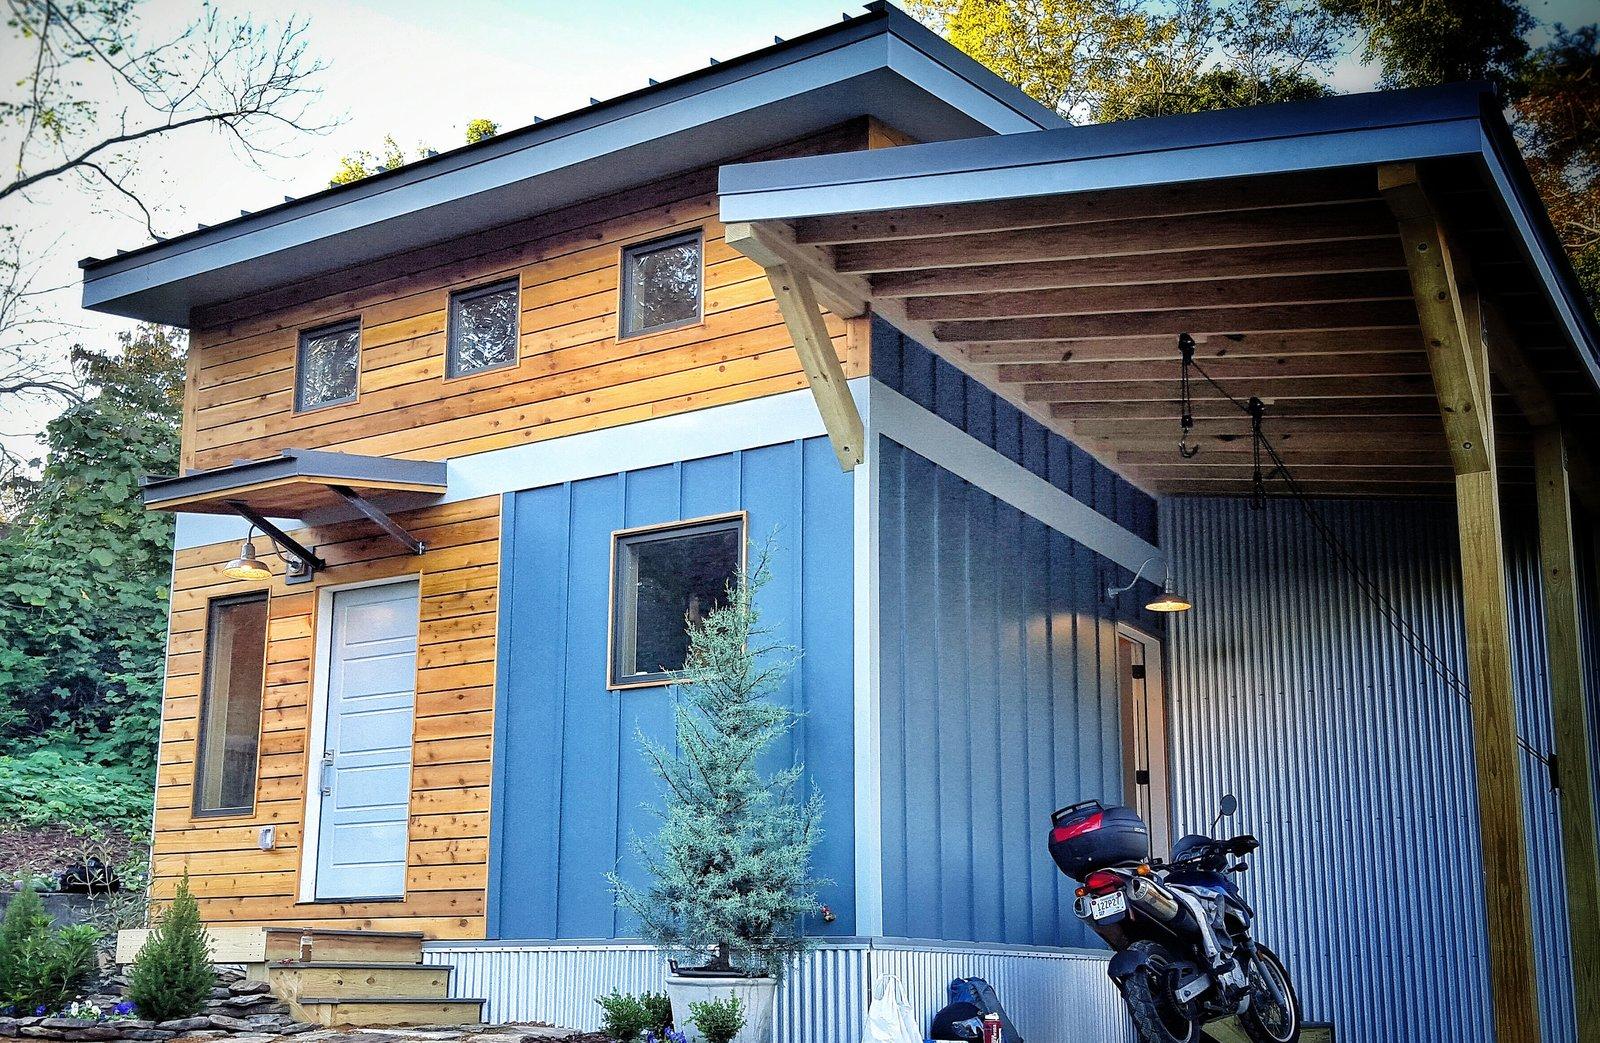 Urban Micro Home exterior